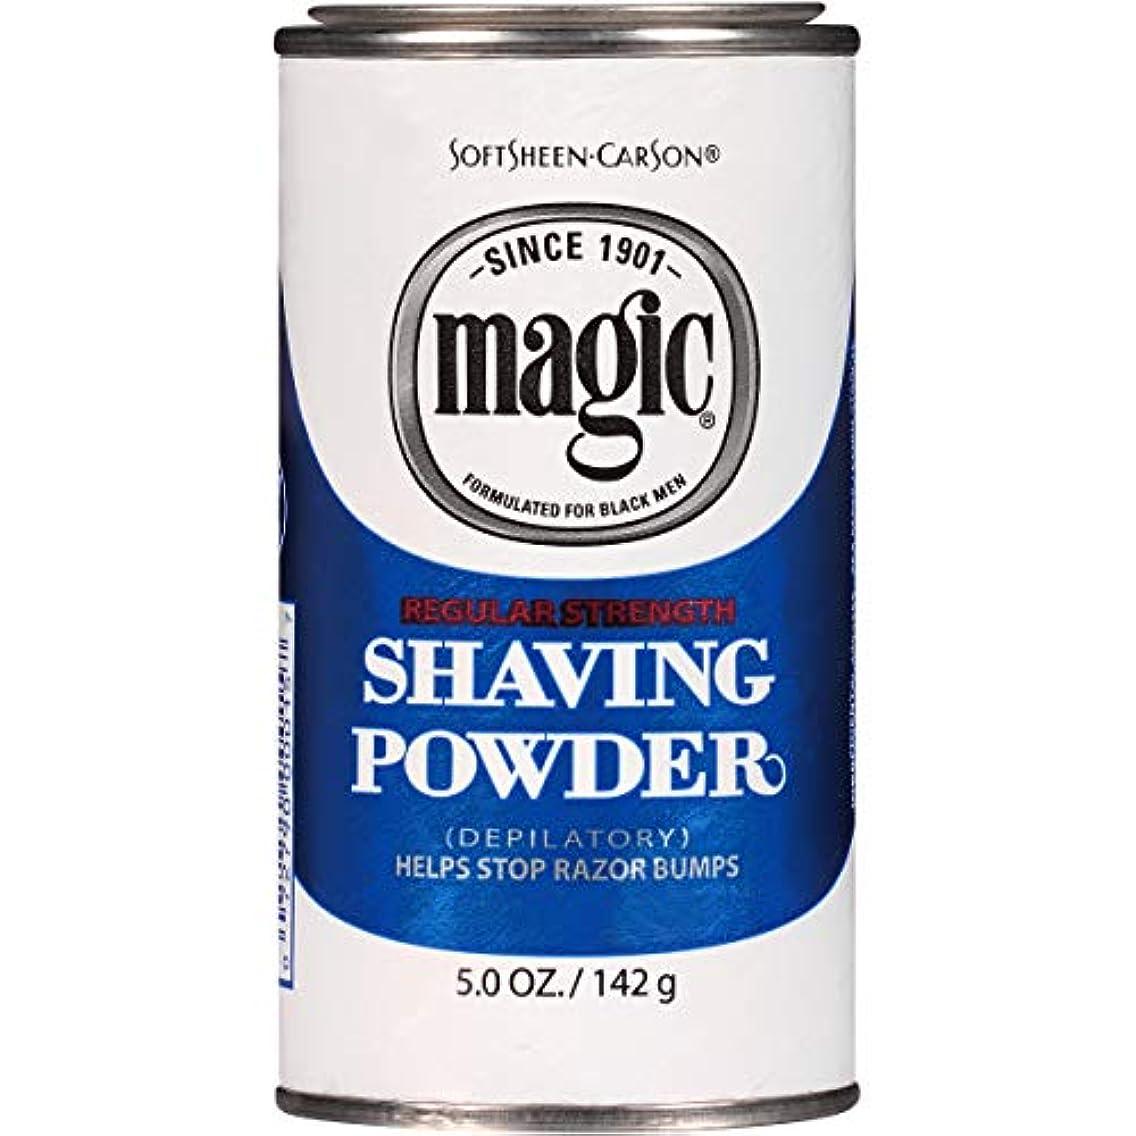 音これまで均等にメンズひげ脱毛ブルーシェービングパウダー レギュラー 133ml (並行輸入品)